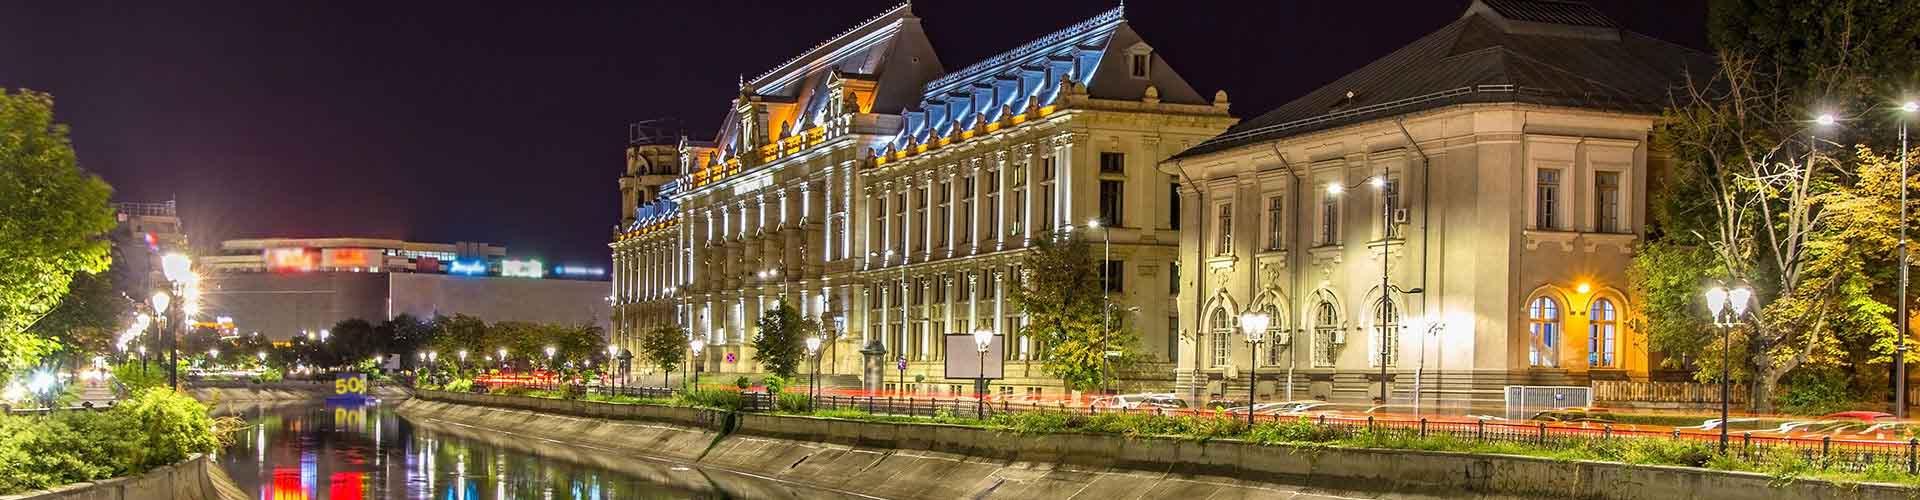 Bucarest - Auberges de jeunesse et chambres pas chères à Bucarest. Cartes de Bucarest, photos et commentaires pour chaque Auberge de jeunesse et chambre pas chère à Bucarest.